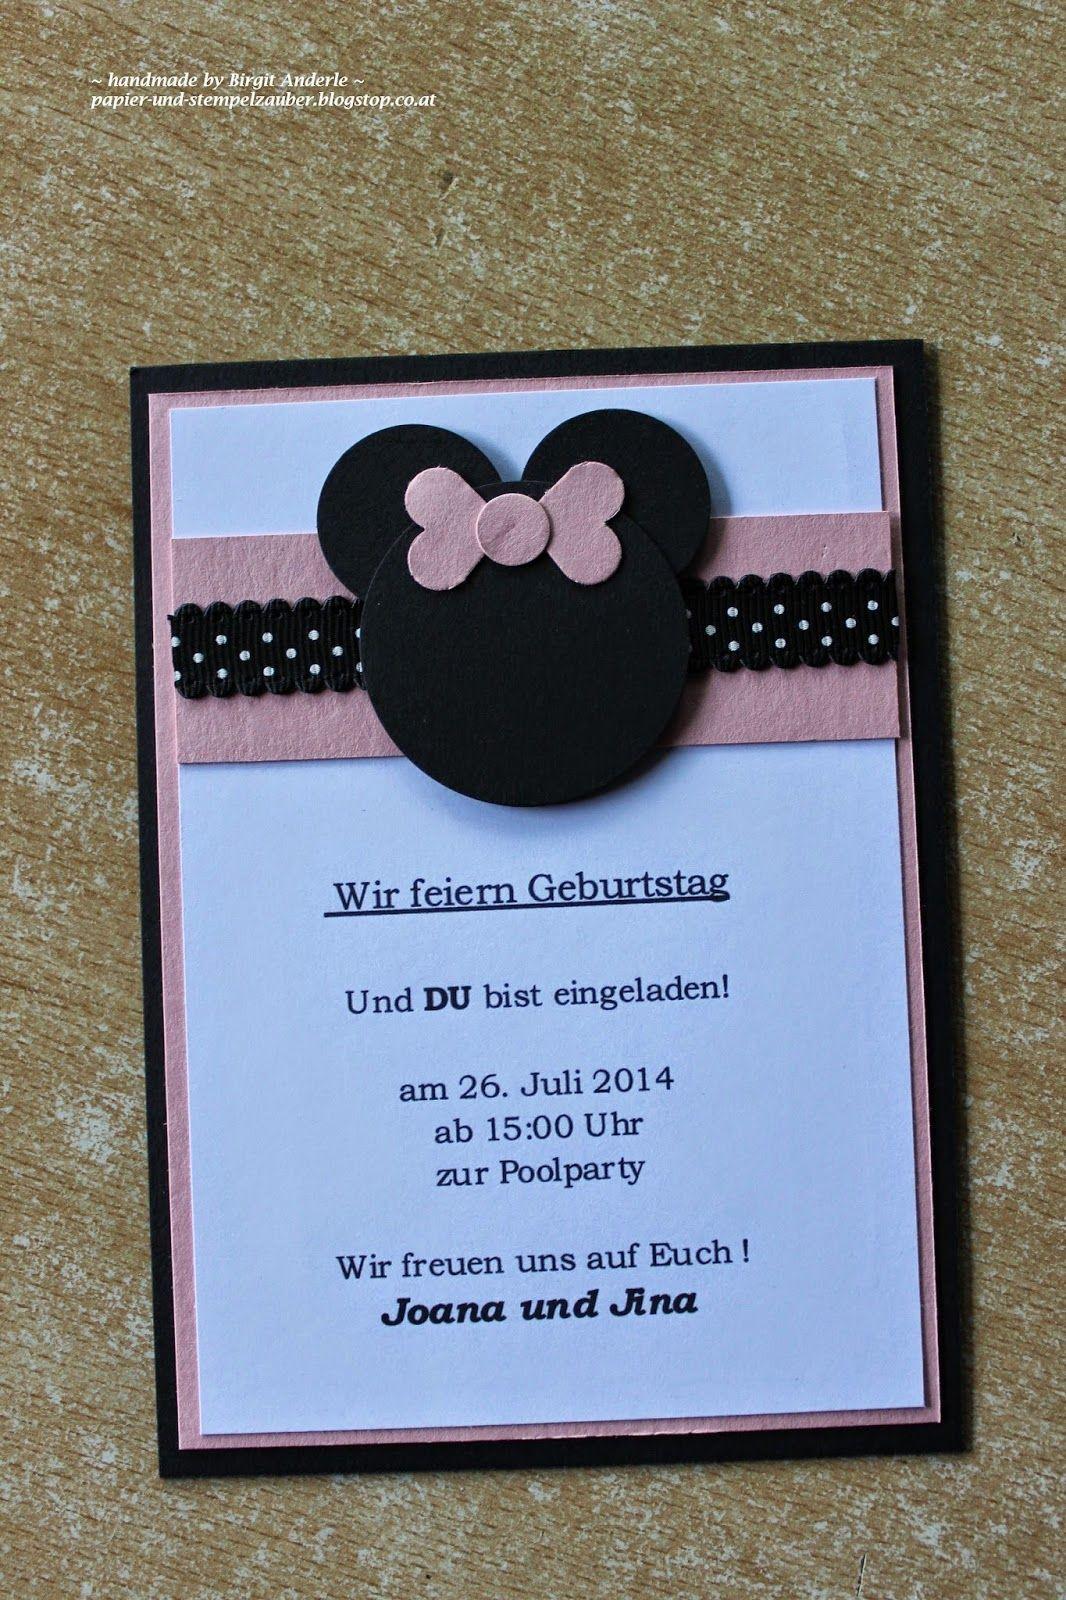 Papier und stempelzauber einladung zur party mit viiiiel minnie mouse basteln pinterest - Ideen zur geburtstagsfeier ...